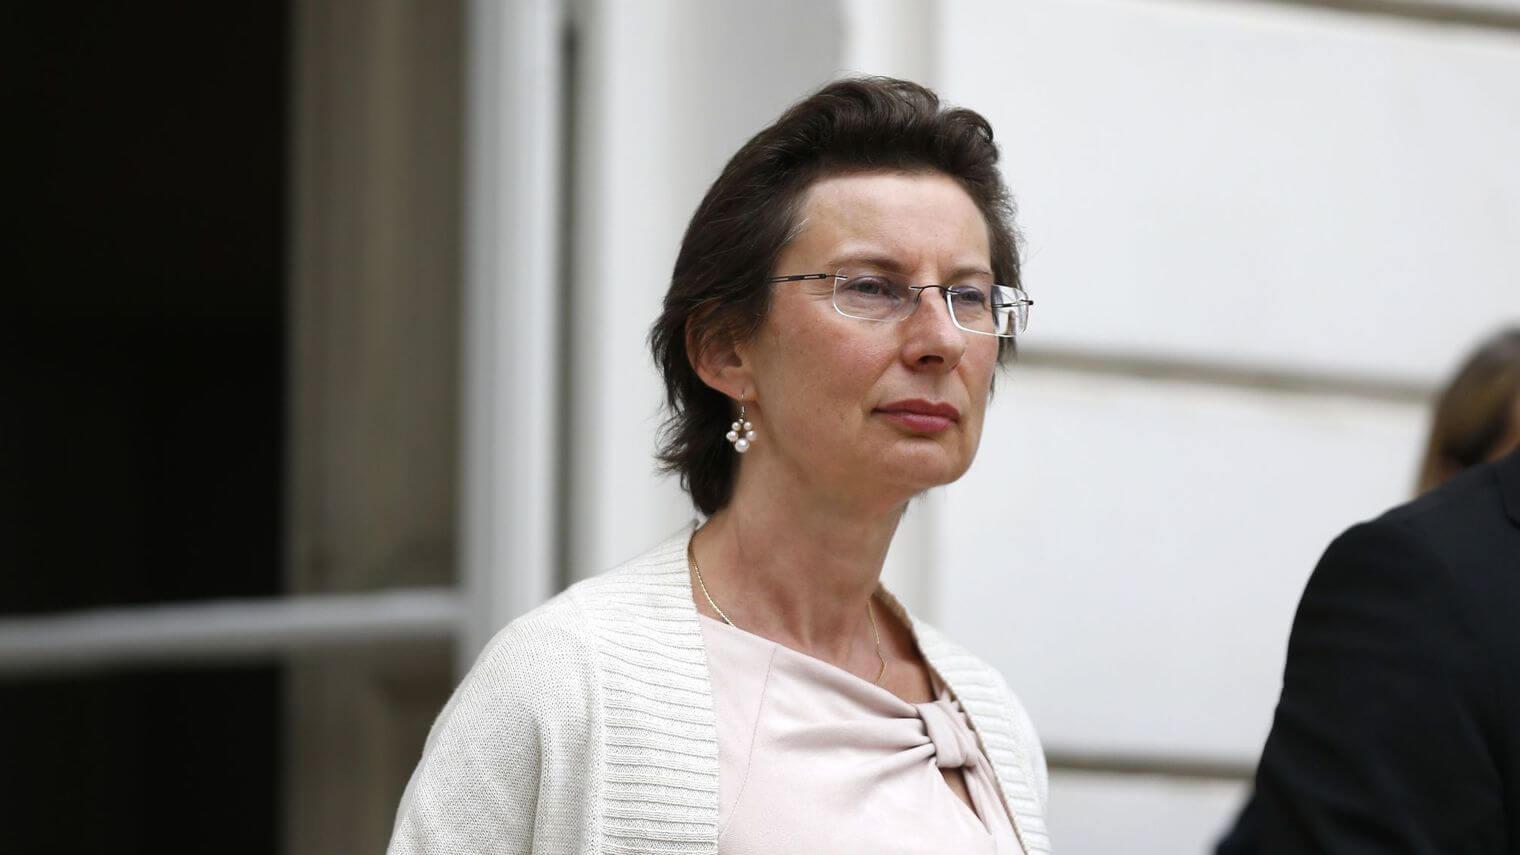 Clotilde Valter, Secrétaire d'Etat auprès de la Ministre du Travail, de l'Emploi, de la Formation professionnelle et du Dialogue Social, chargée de la Formation Professionnelle et de l'apprentissage